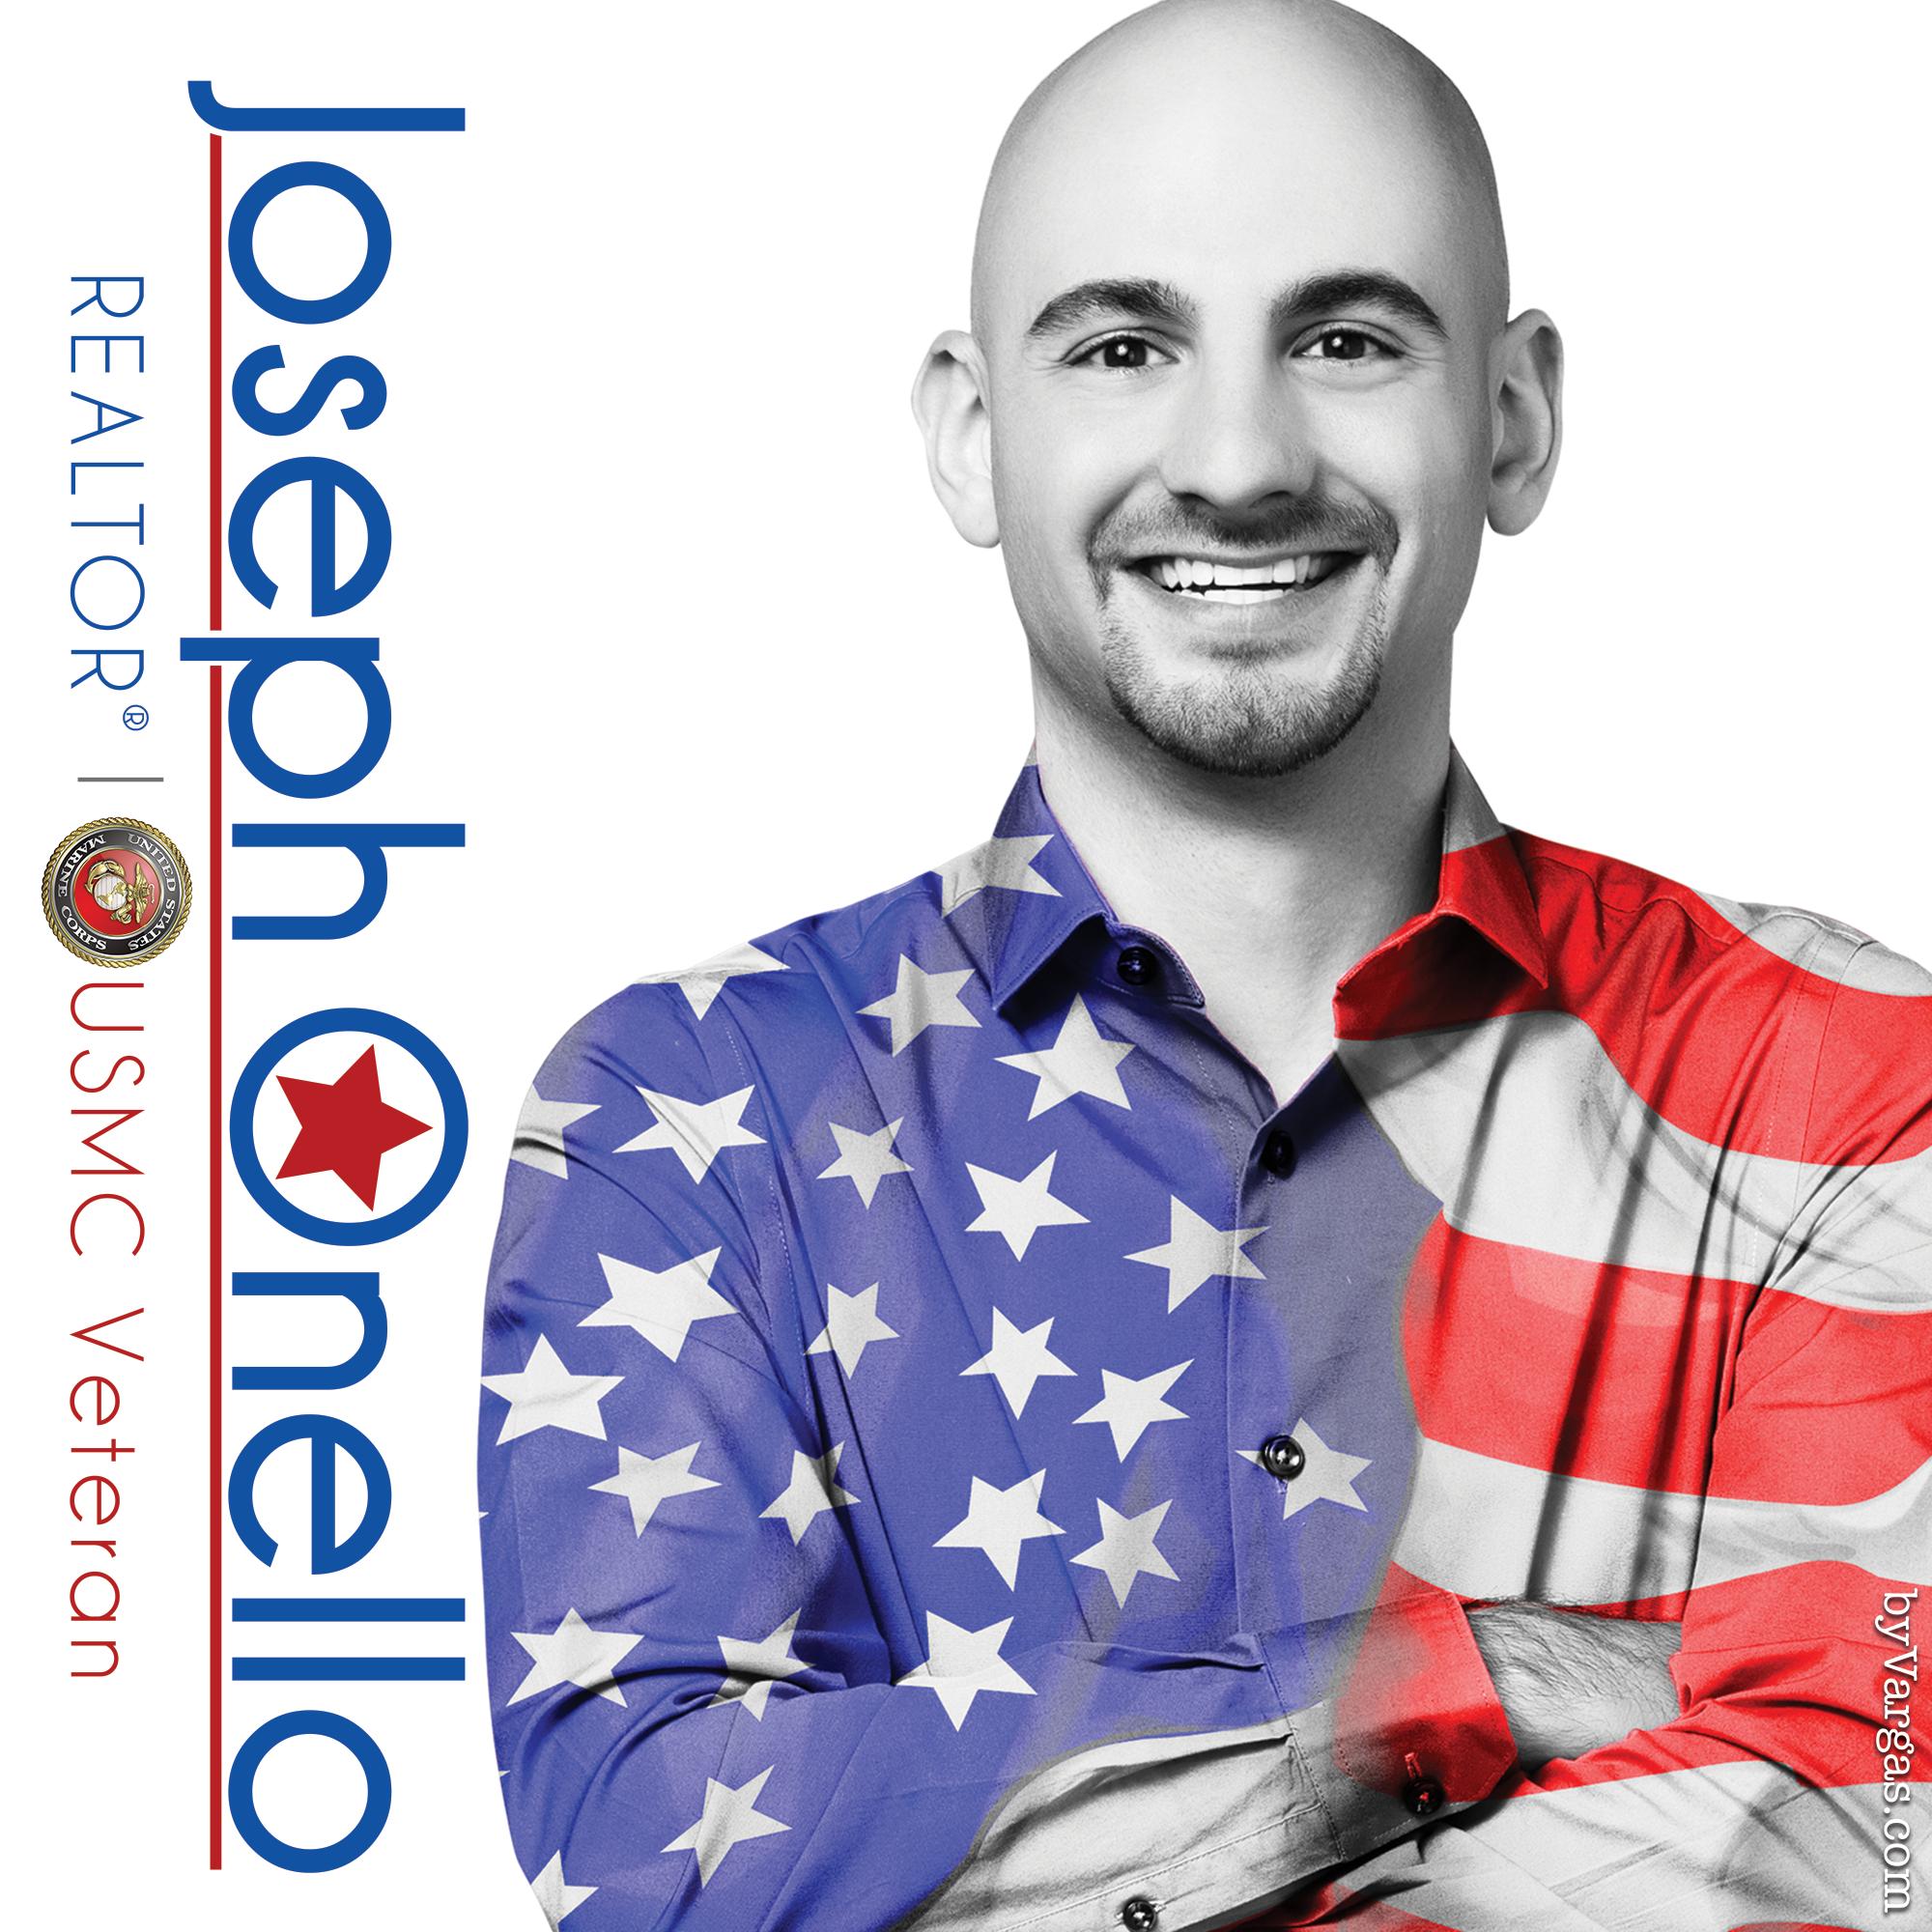 Joseph-Onello-Branding.png